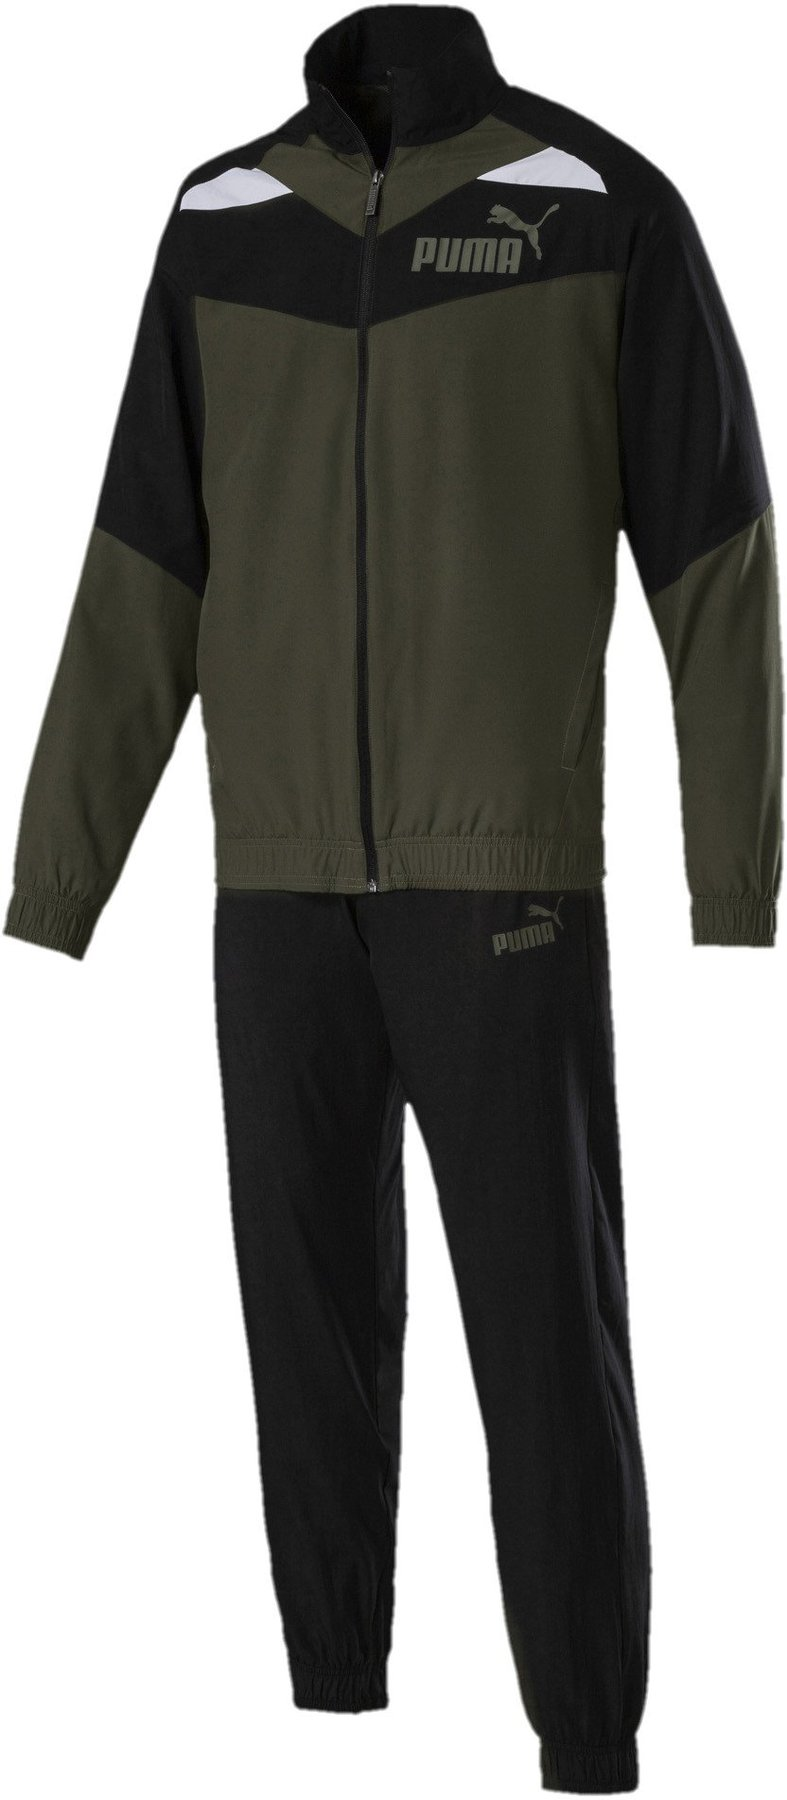 Puma Woven Trainingsanzug für Herren Herrenbekleidung